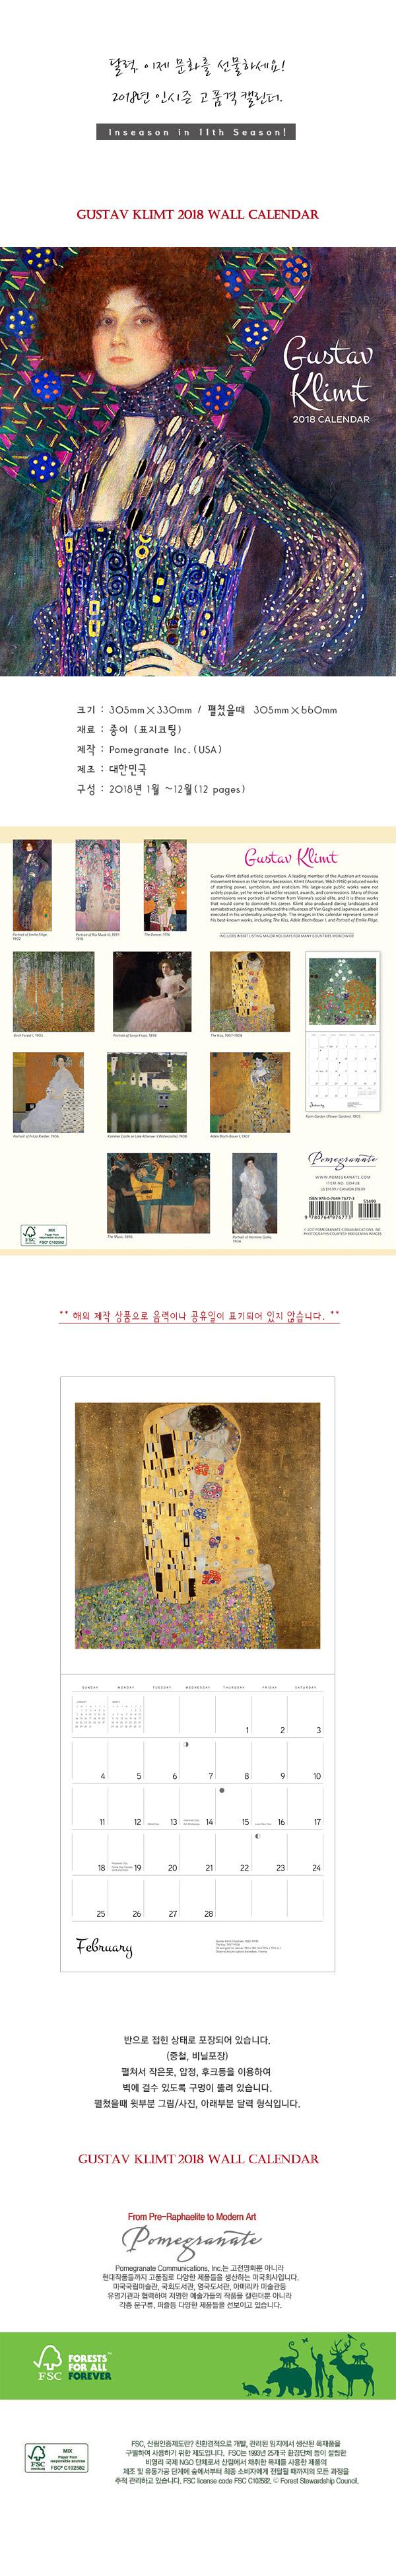 2018 캘린더 클림트 Gustav Klimt19,000원-포미그레닛디자인문구, 다이어리/캘린더, 캘린더, 벽걸이캘린더바보사랑2018 캘린더 클림트 Gustav Klimt19,000원-포미그레닛디자인문구, 다이어리/캘린더, 캘린더, 벽걸이캘린더바보사랑